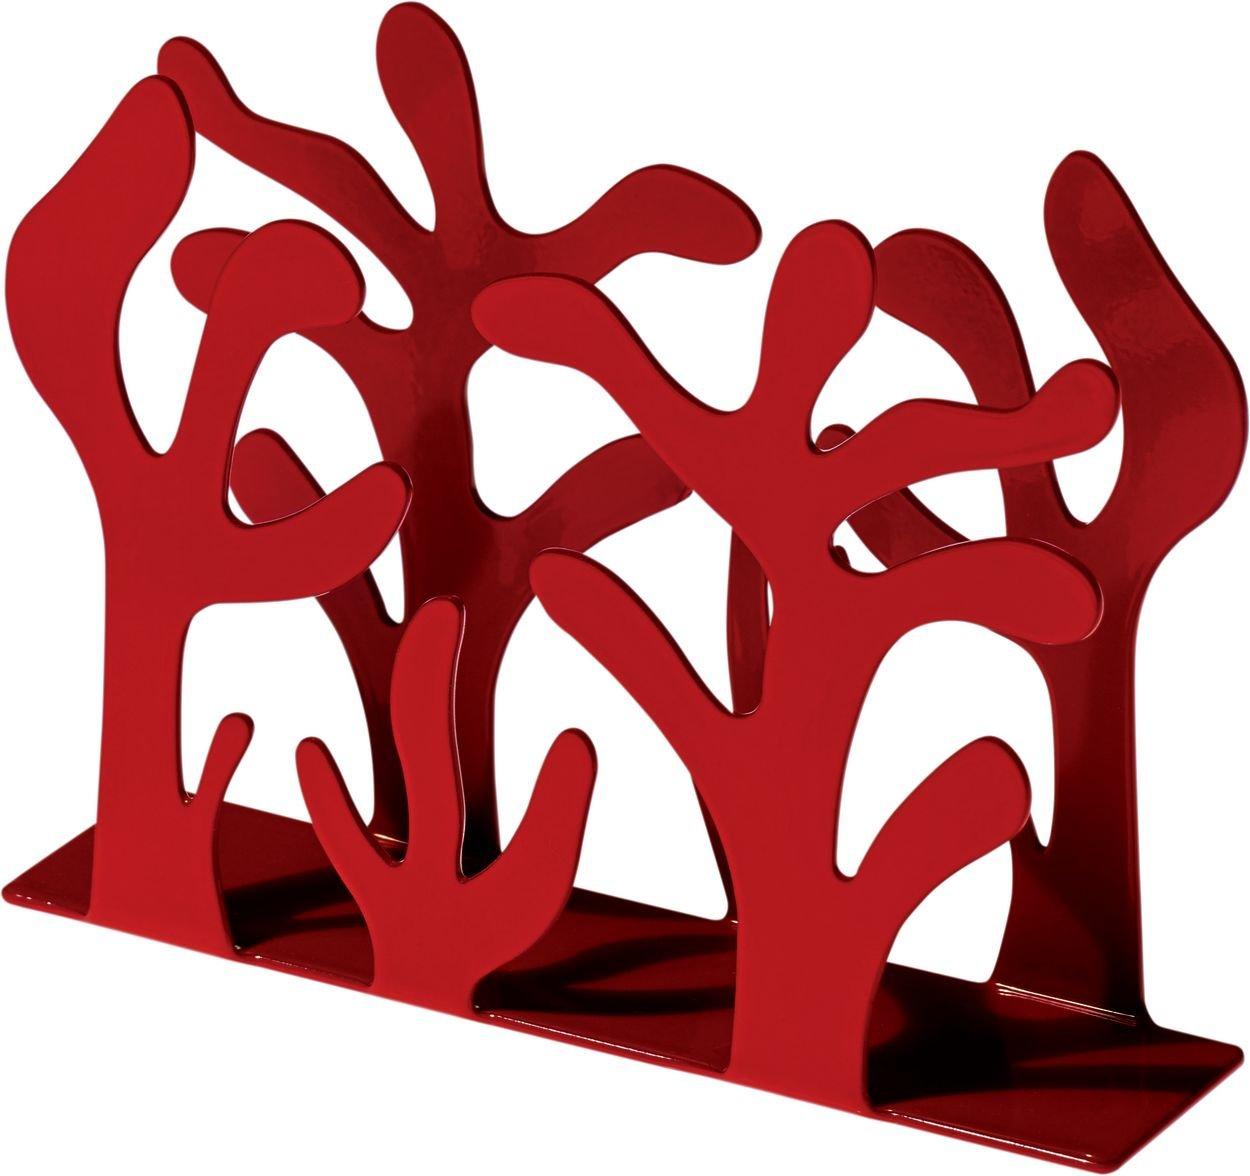 Alessi Mediterraneo Napkin Holder, Red by Alessi